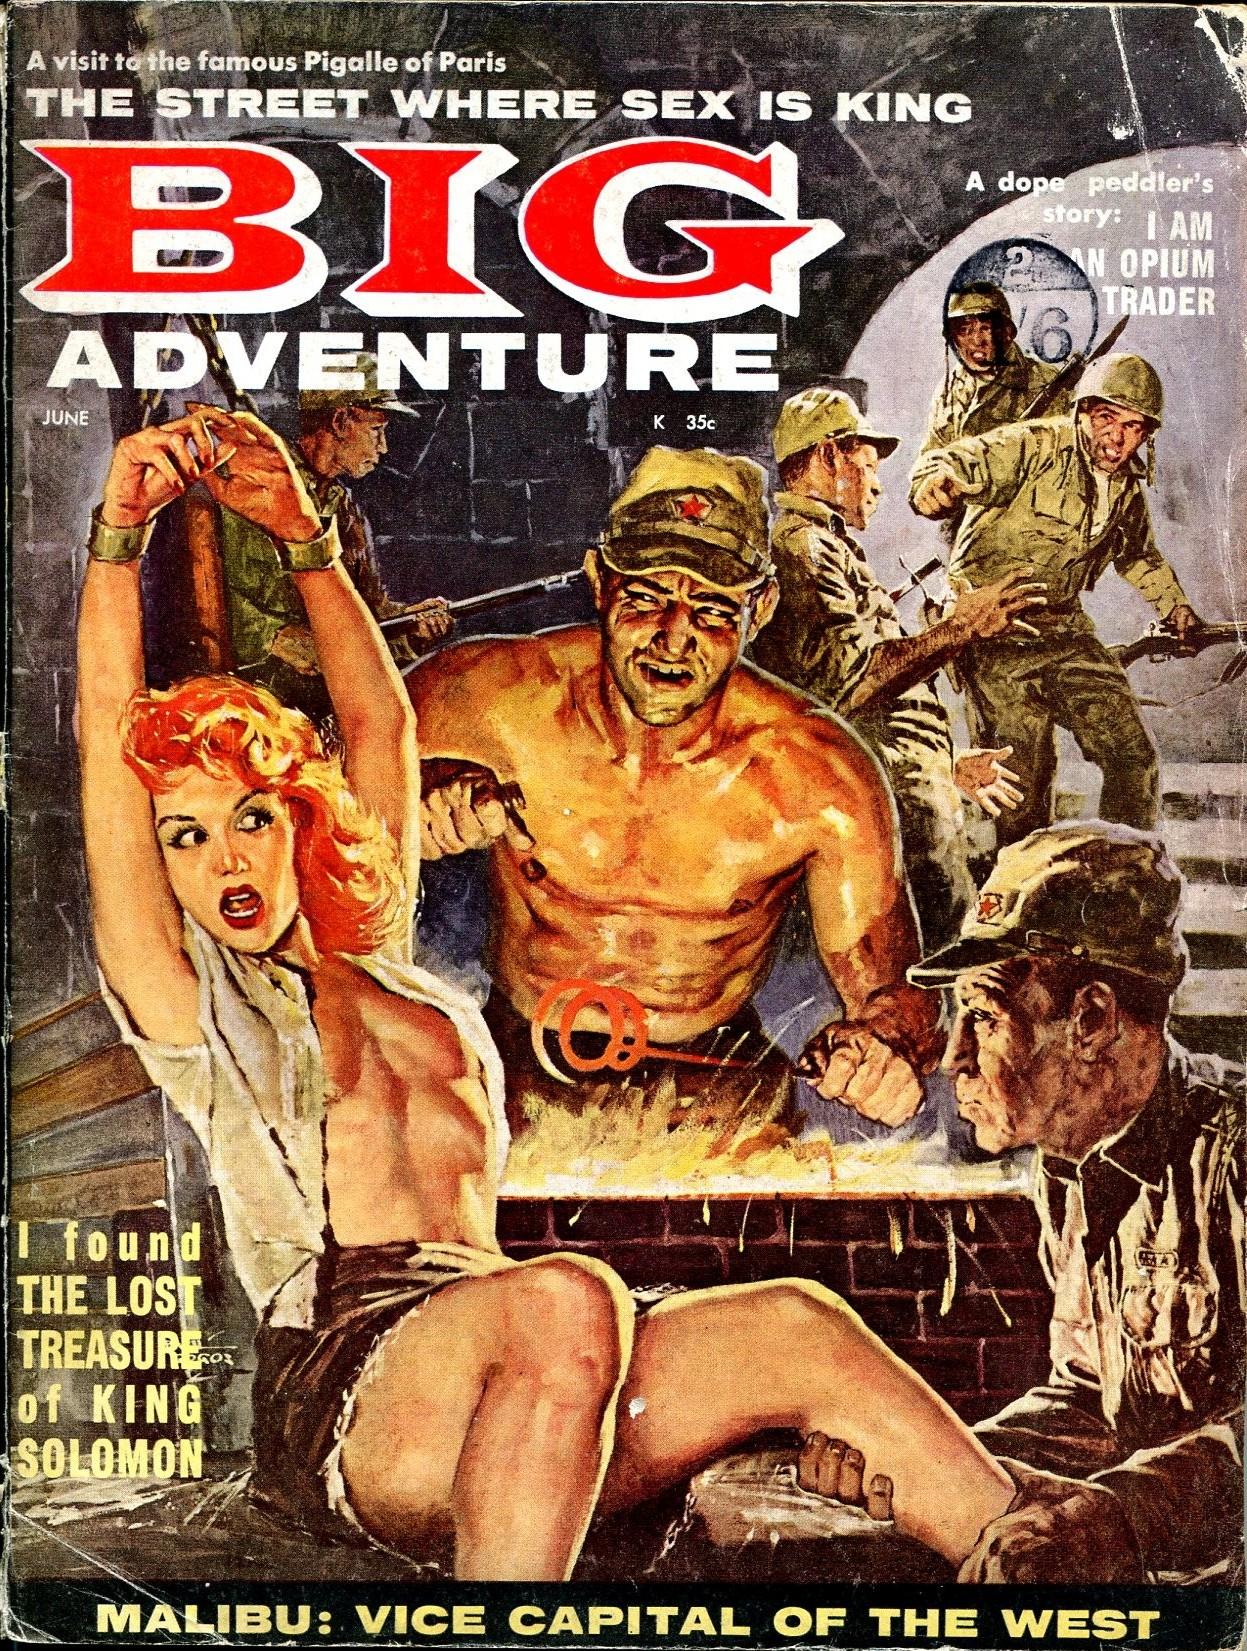 https://pulpcovers.com/wp-content/uploads/2016/04/Big-Adventure-June-1961.jpg